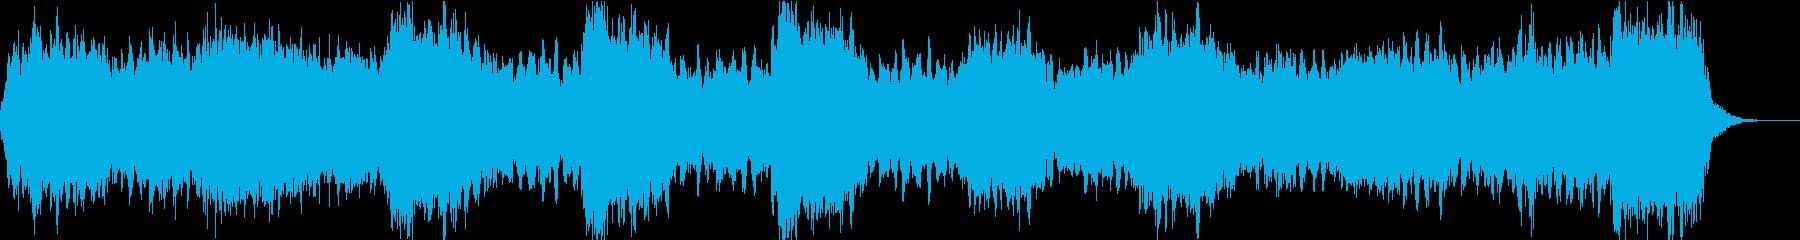 深海を感じさせるBGMの再生済みの波形